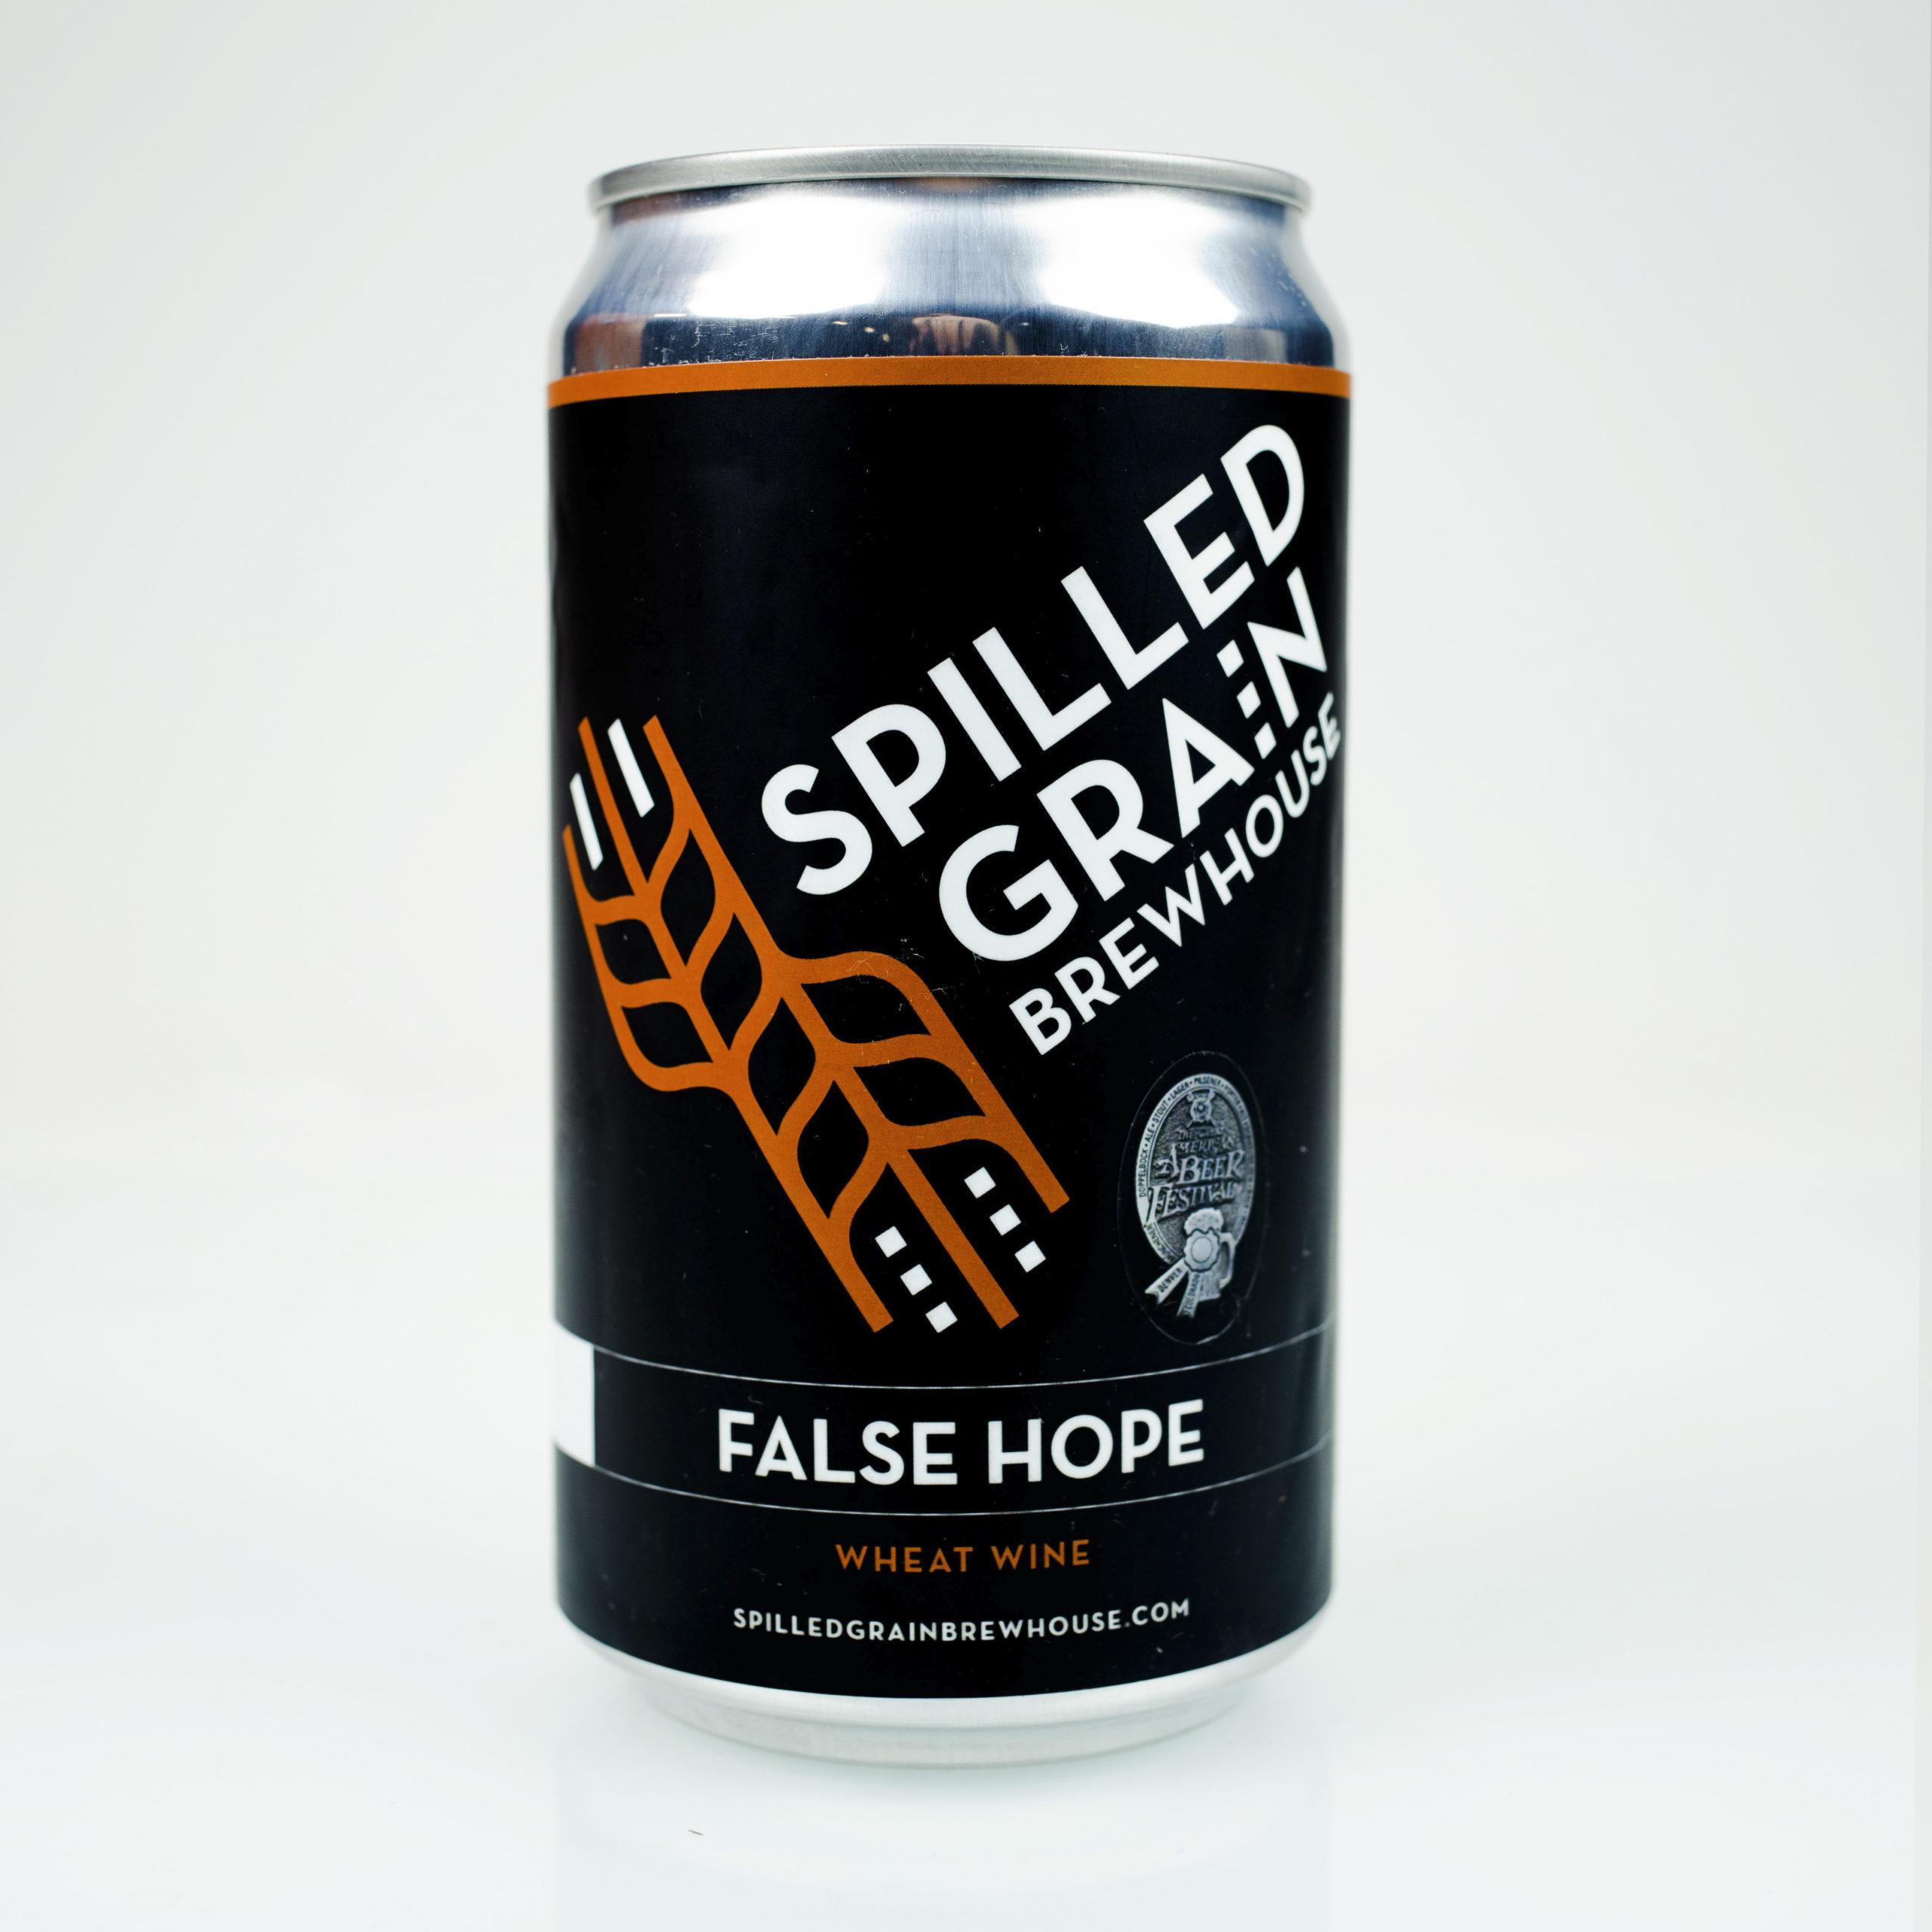 False Hope Wheat Wine